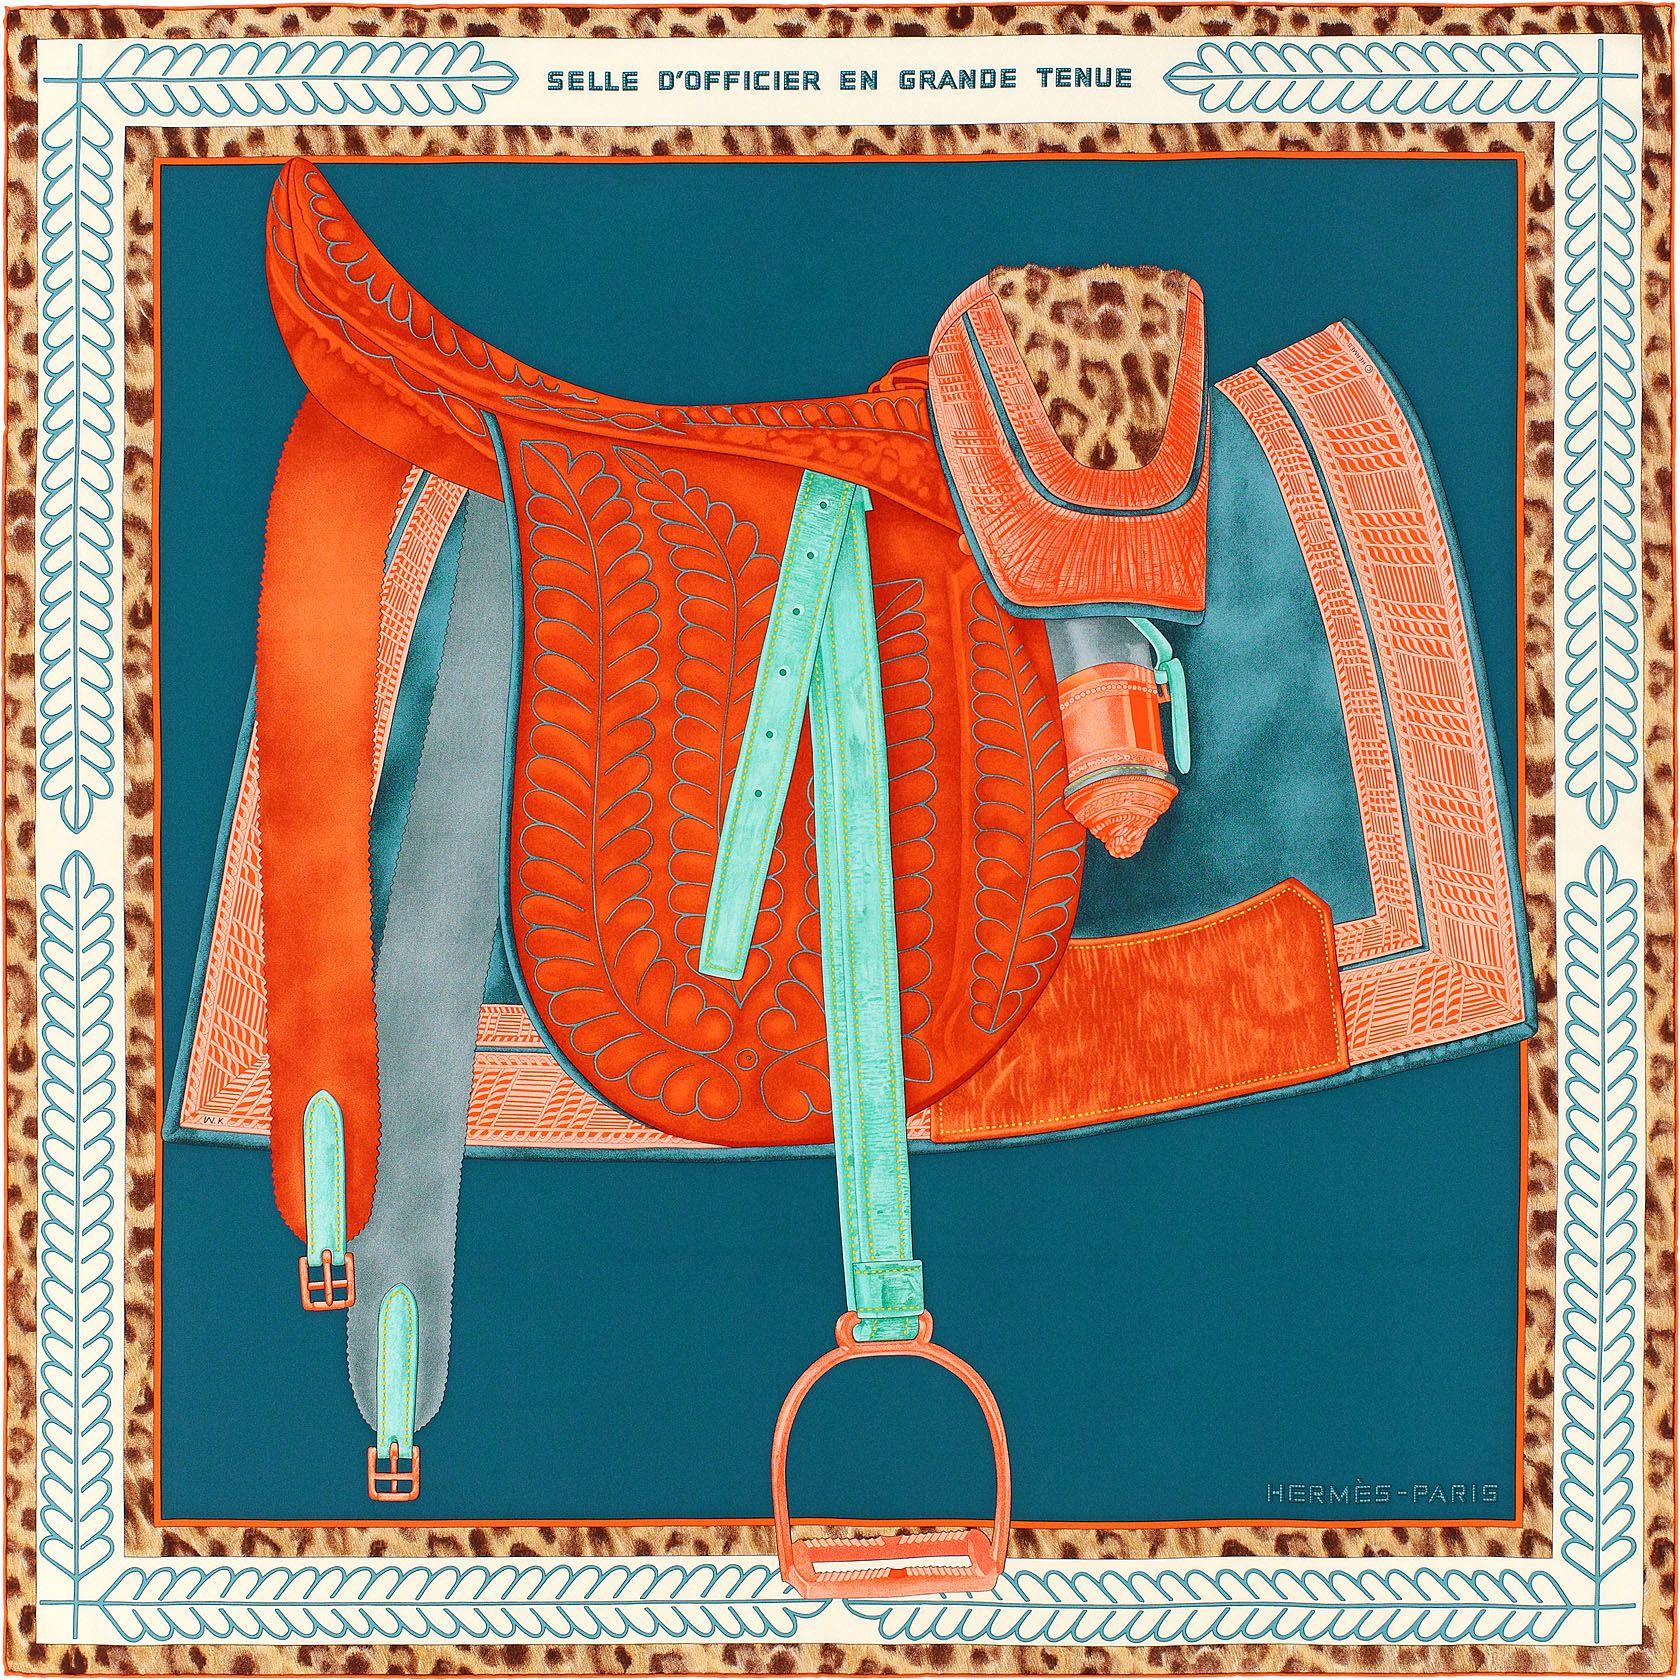 Carré 90 x 90 cm Hermès   Selle d Officier en Grande Tenue   carrés ... bd2506e3bc8